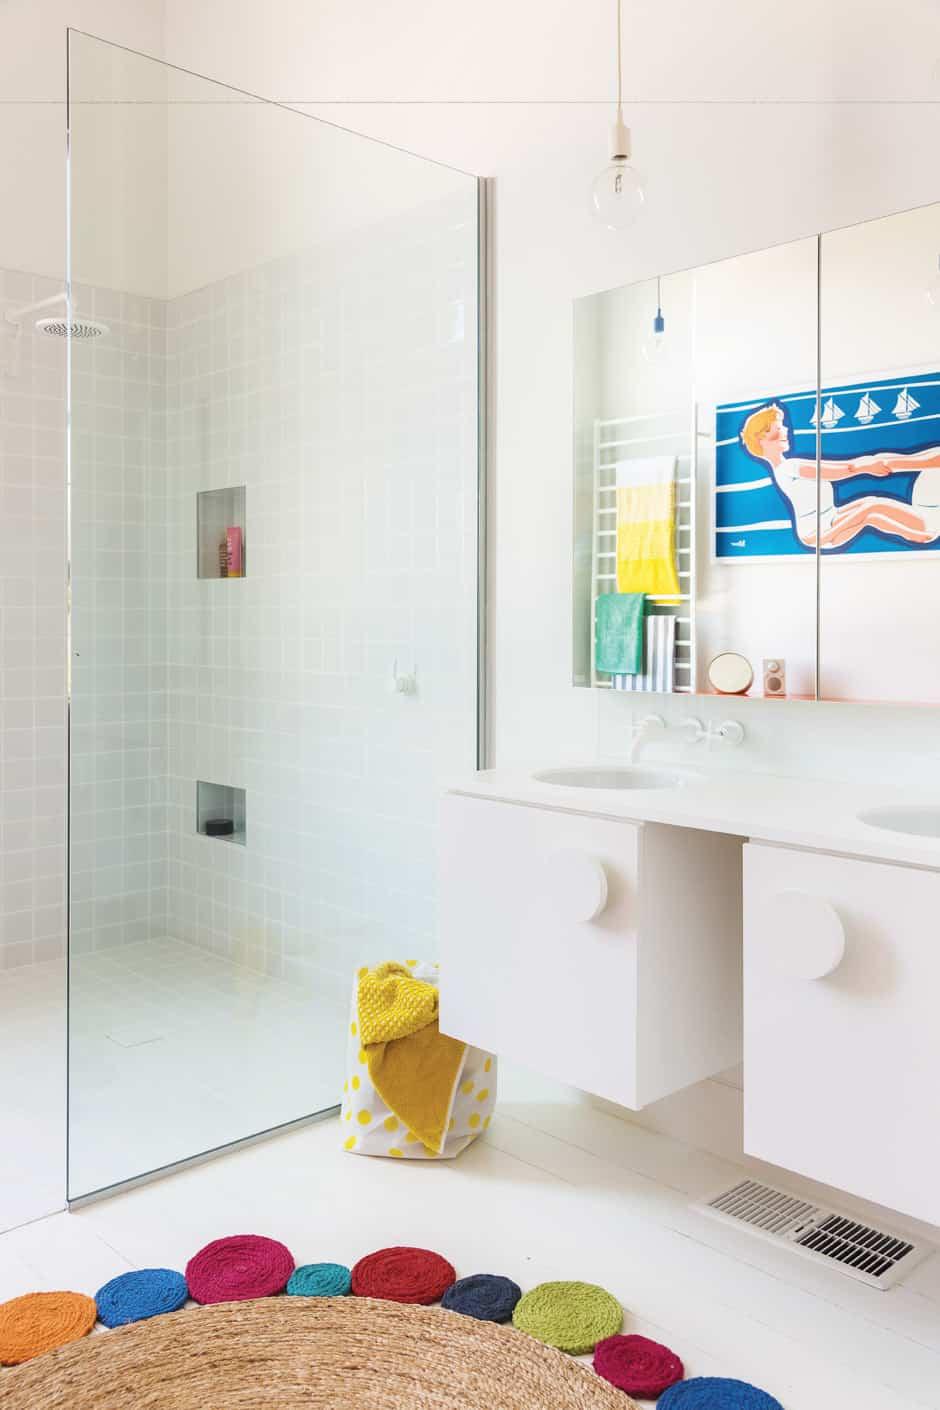 alex_fulton_bathroom_homestyle_2